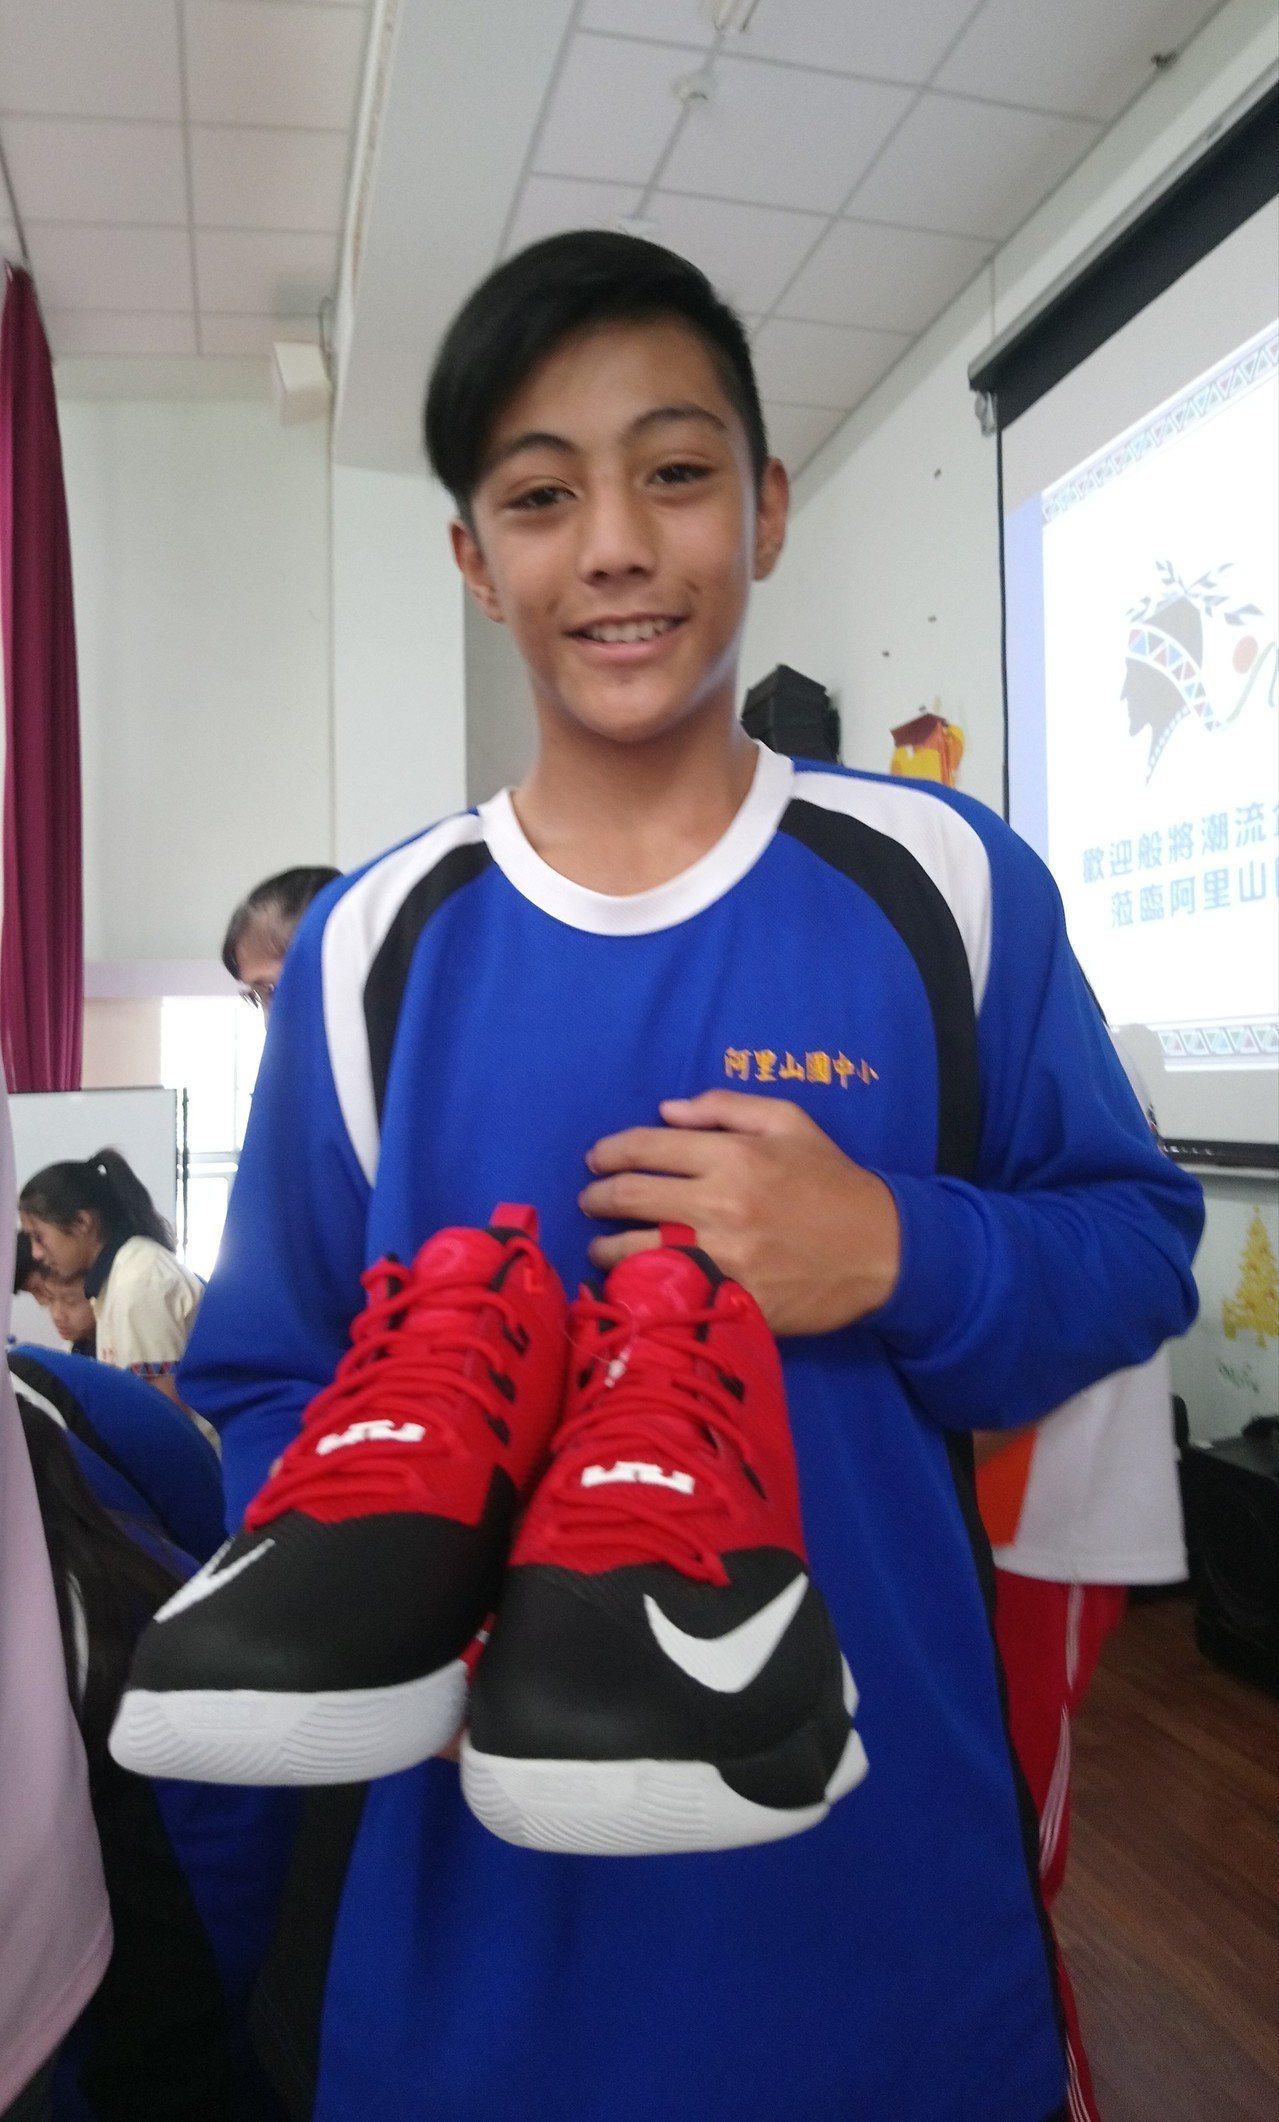 籃球隊學生直言,球鞋很高檔、平常不捨得穿。 記者卜敏正/攝影